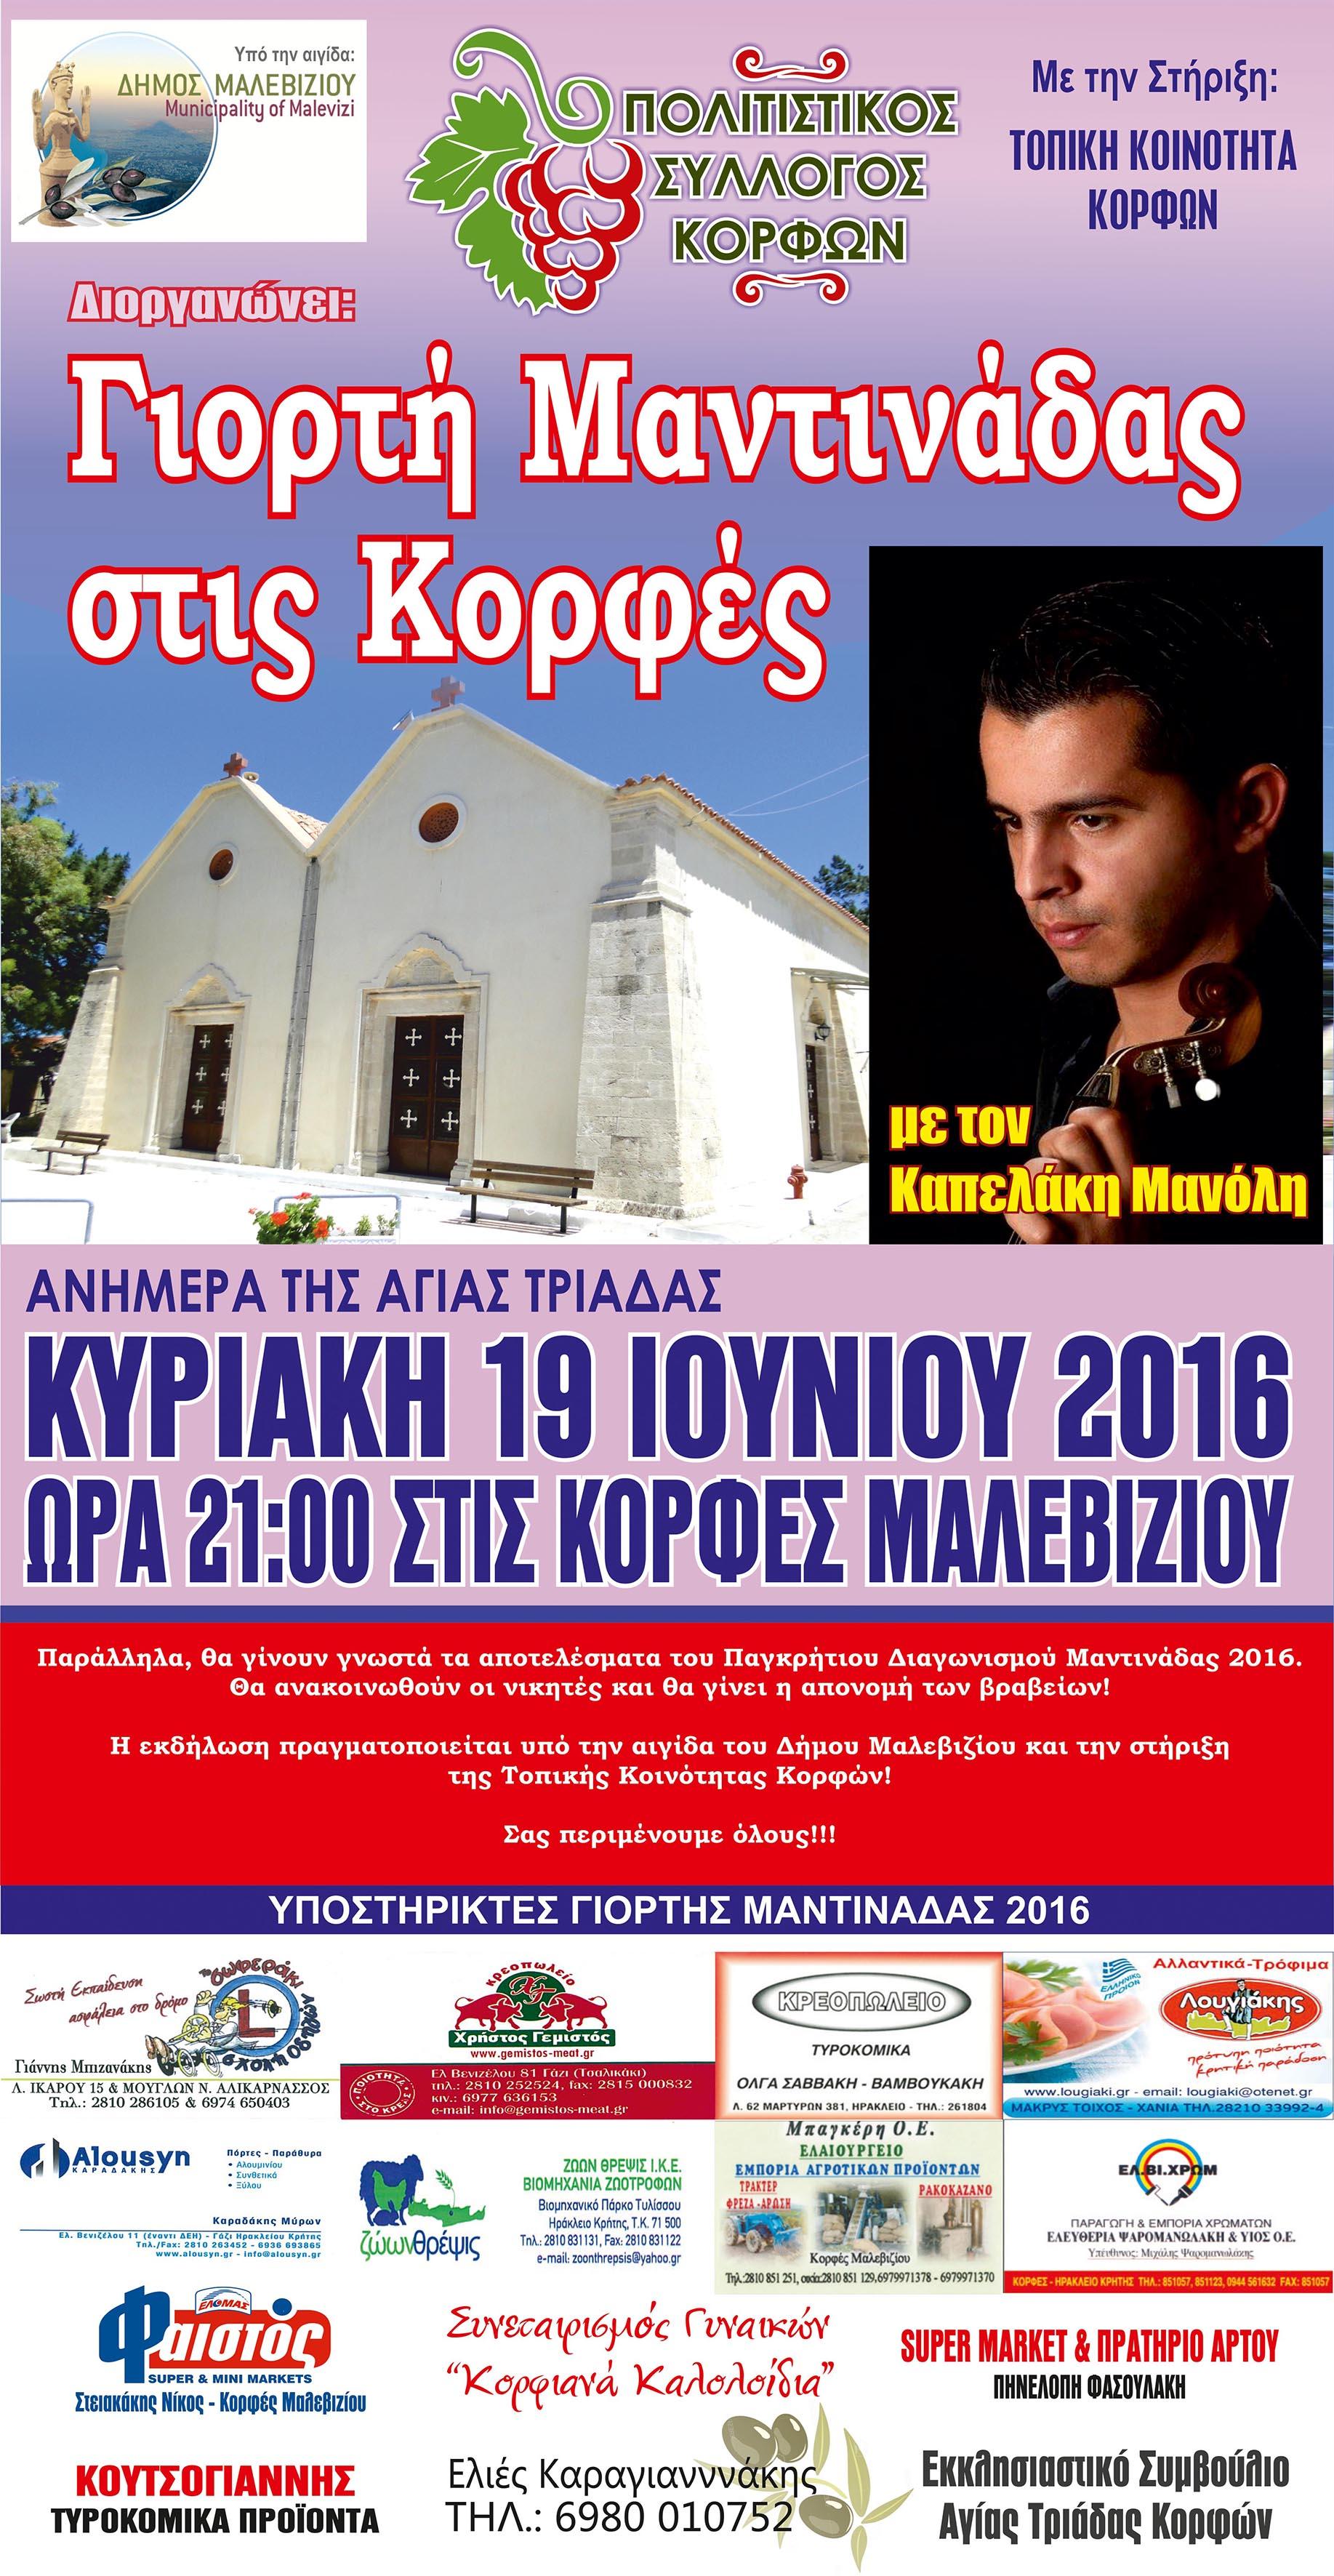 Π.Σ Κορφών: Γιορτή Μαντινάδας 19-6-2016